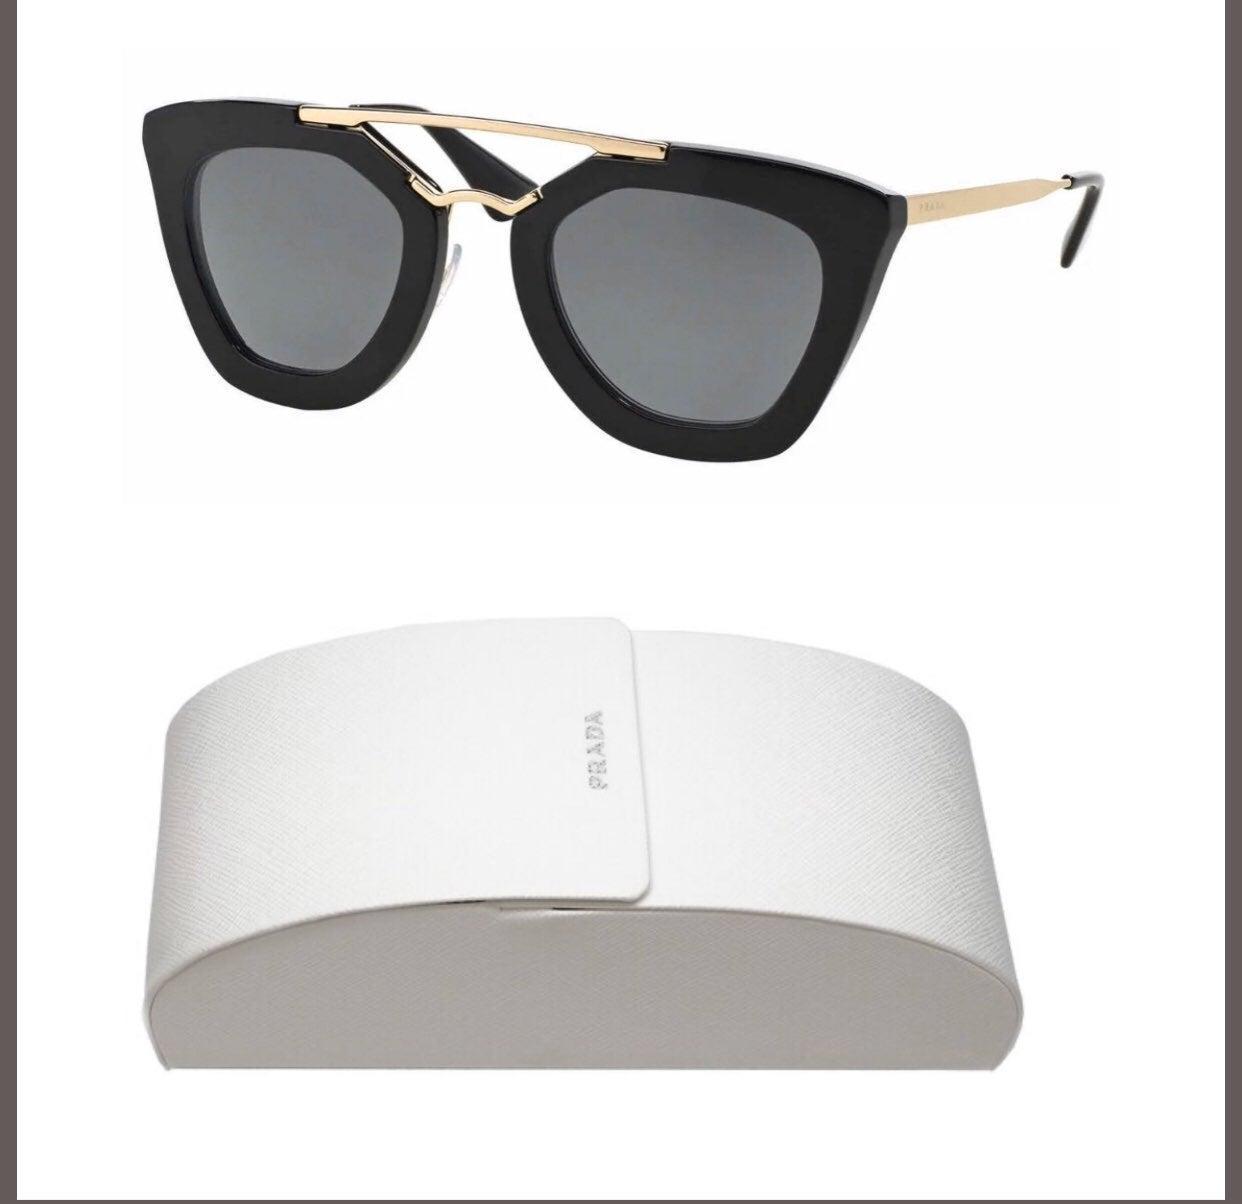 Authentic Prada sunglasses made in Italy